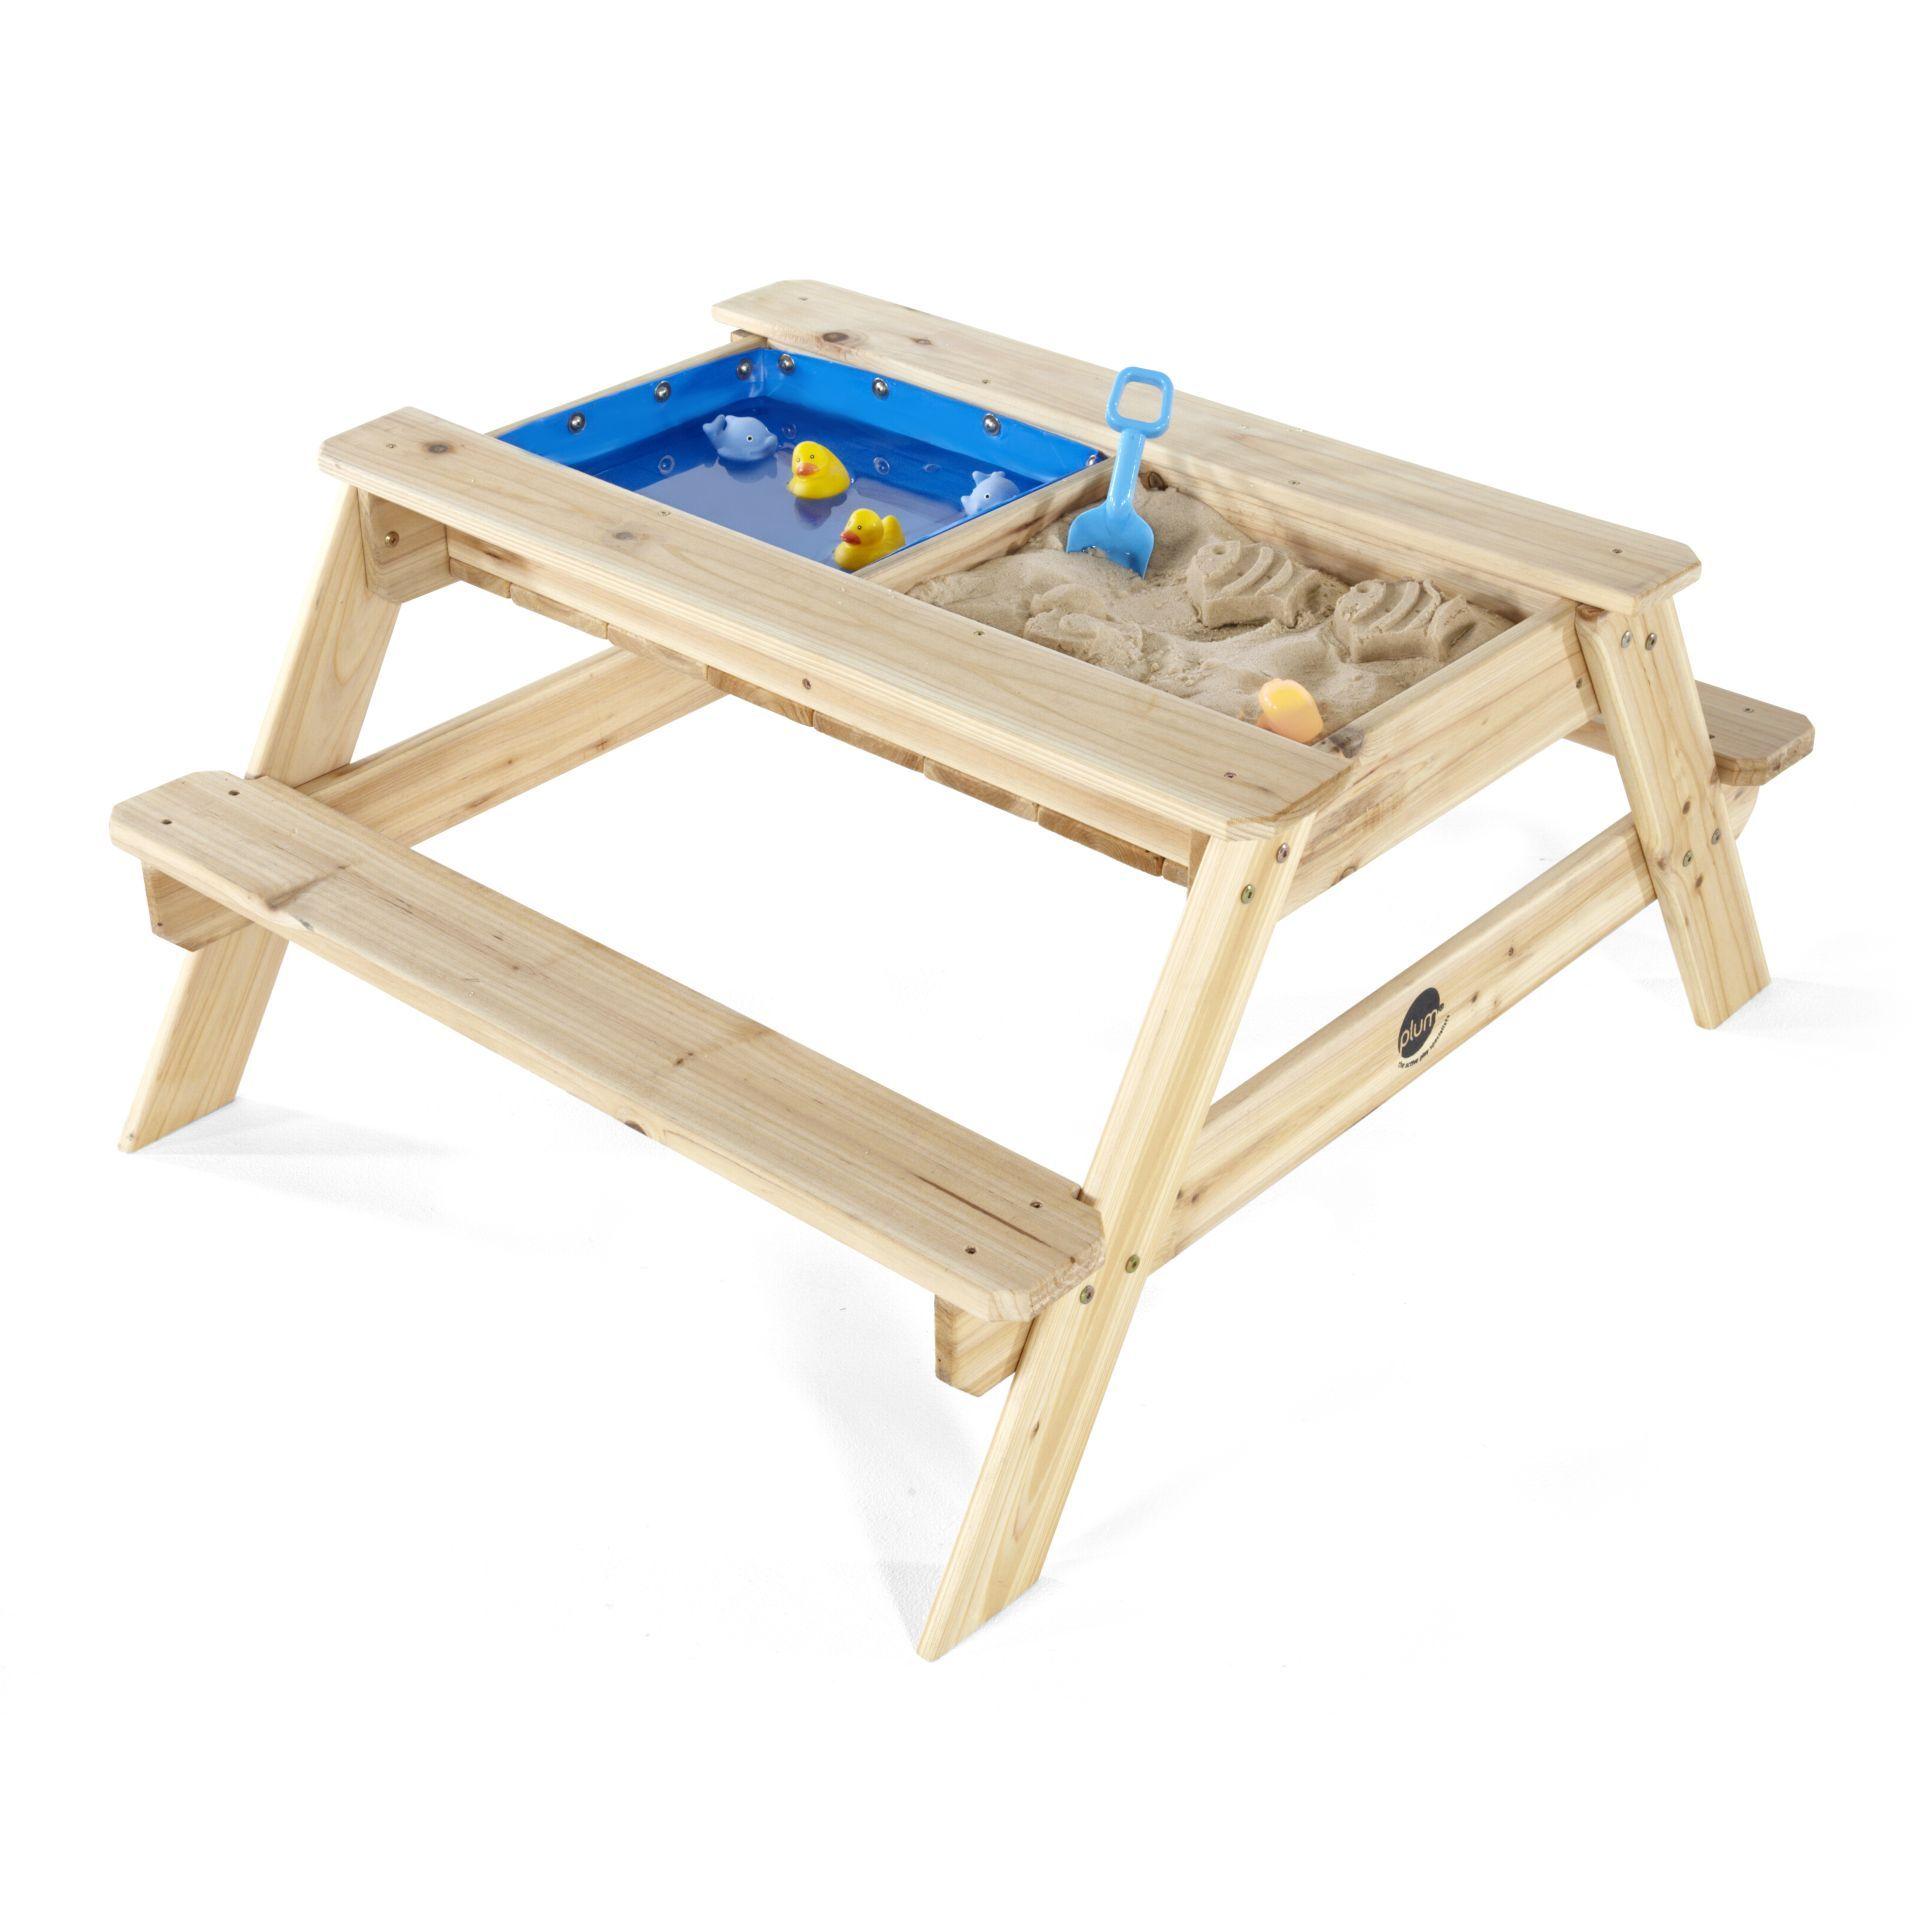 picknicktisch f r kinder mit sandkasten und wasserbecken. Black Bedroom Furniture Sets. Home Design Ideas